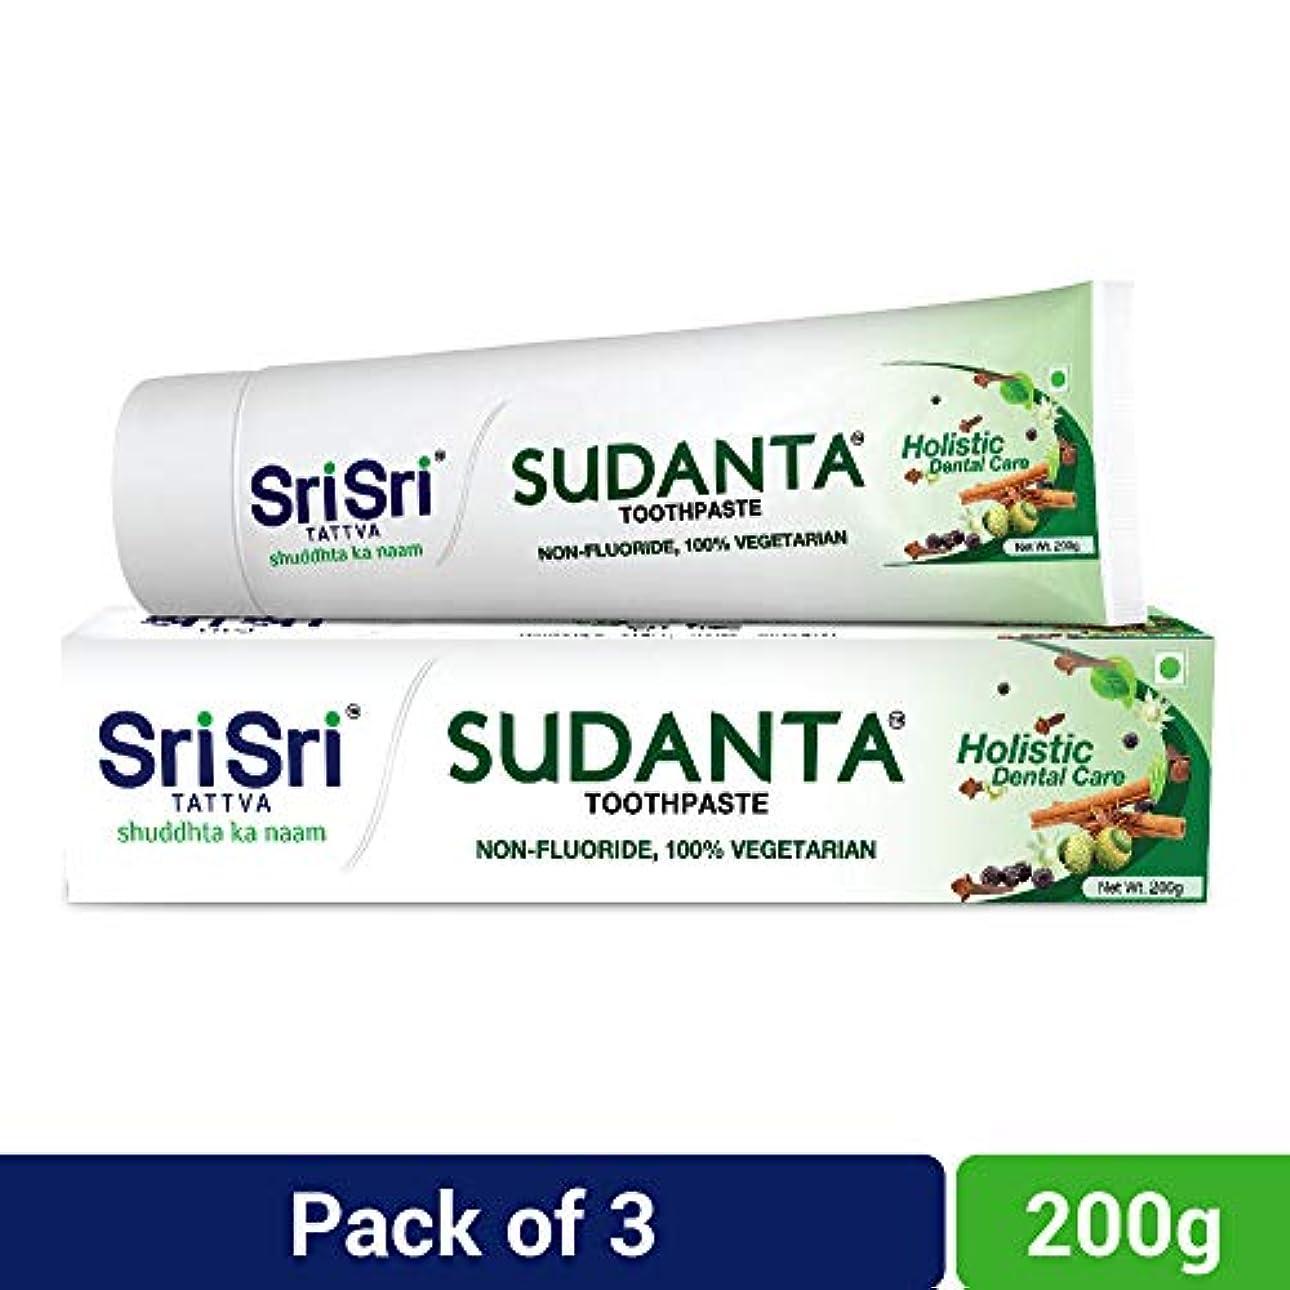 の慈悲で刻むブランド名Sri Sri Tattva Sudanta Toothpaste, 600gm (200gm x Pack of 3)